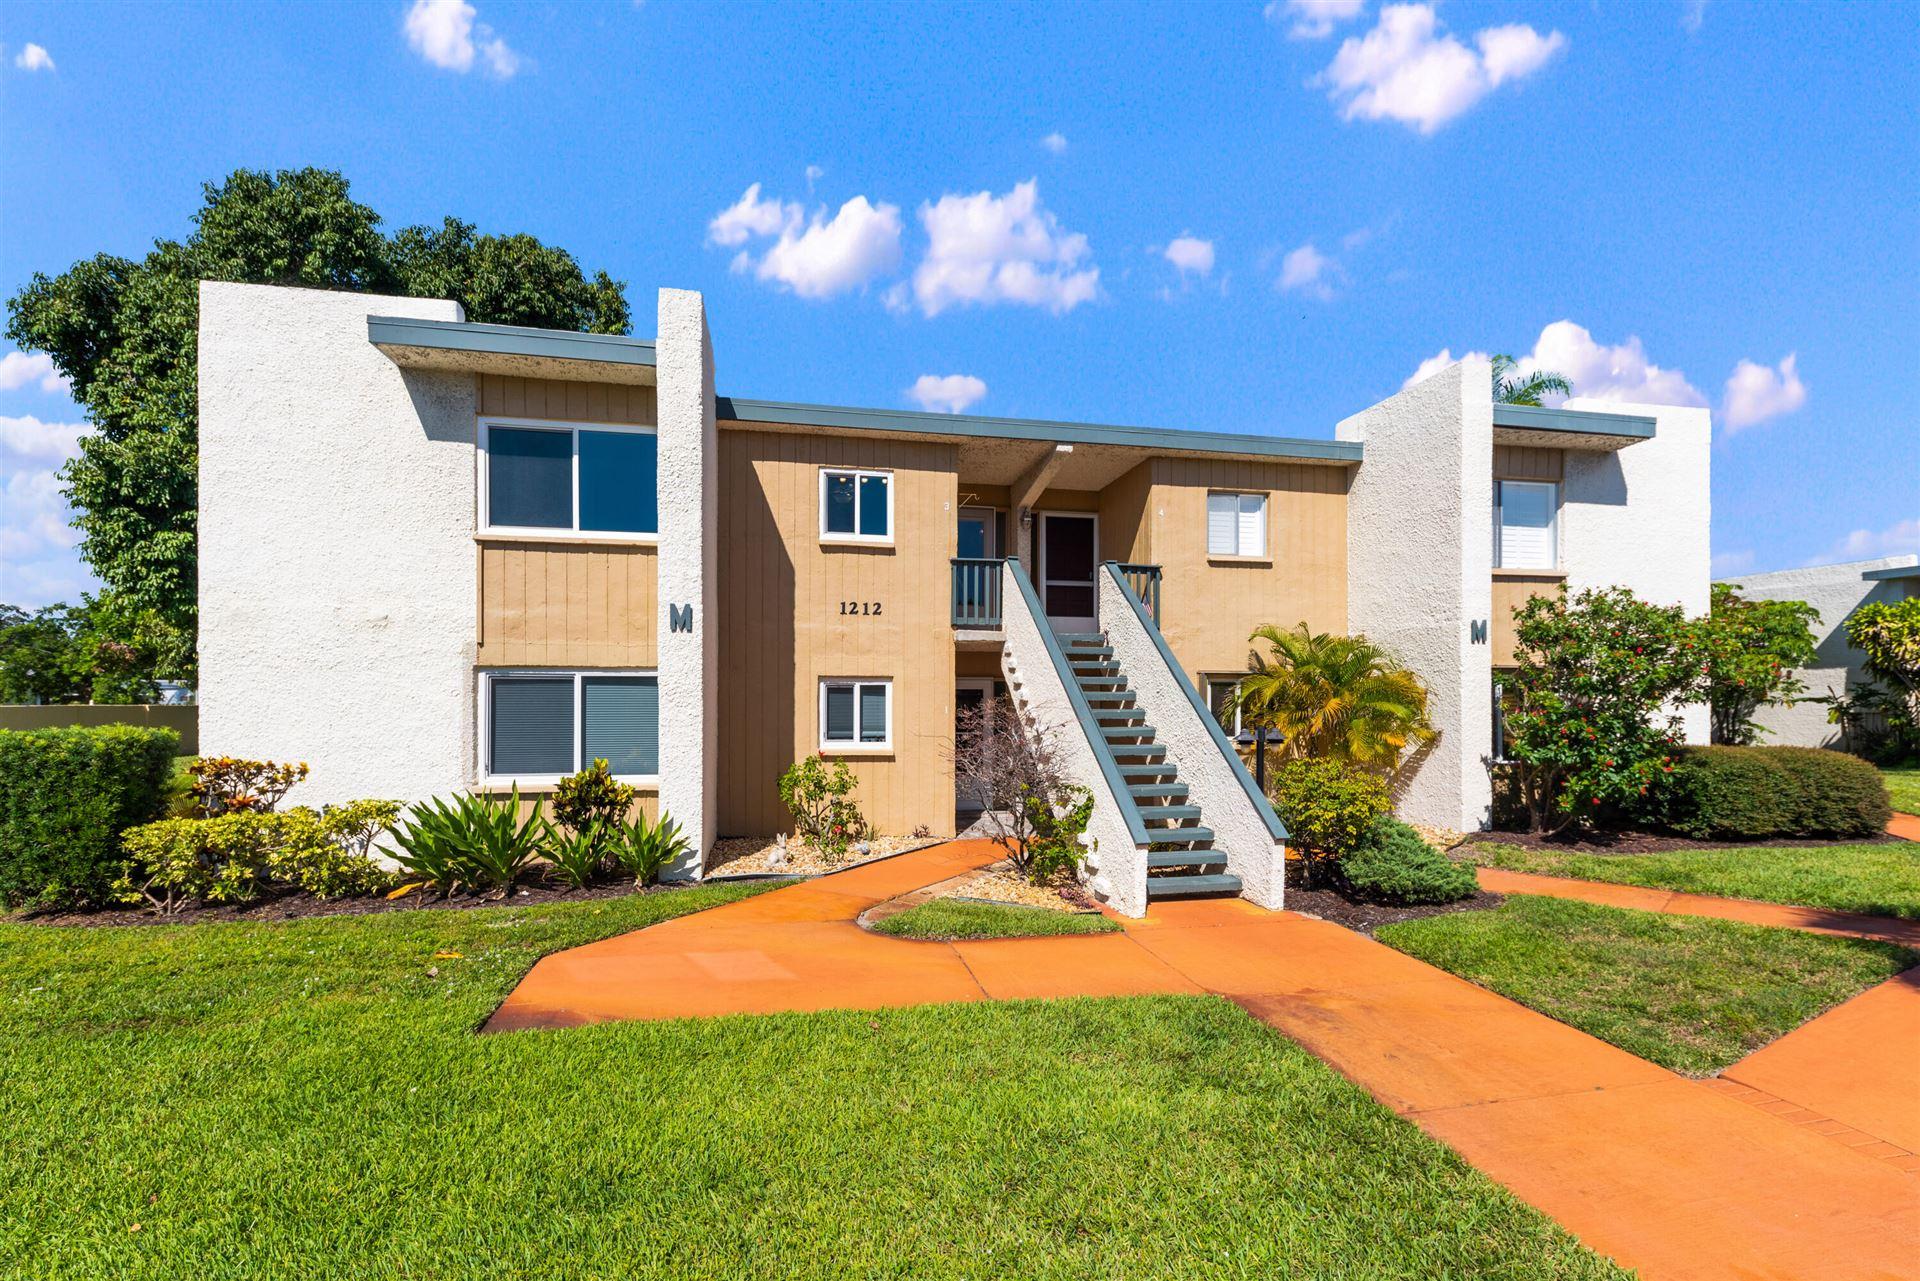 1212 NE 14th Court #M-3, Jensen Beach, FL 34957 - #: RX-10743860